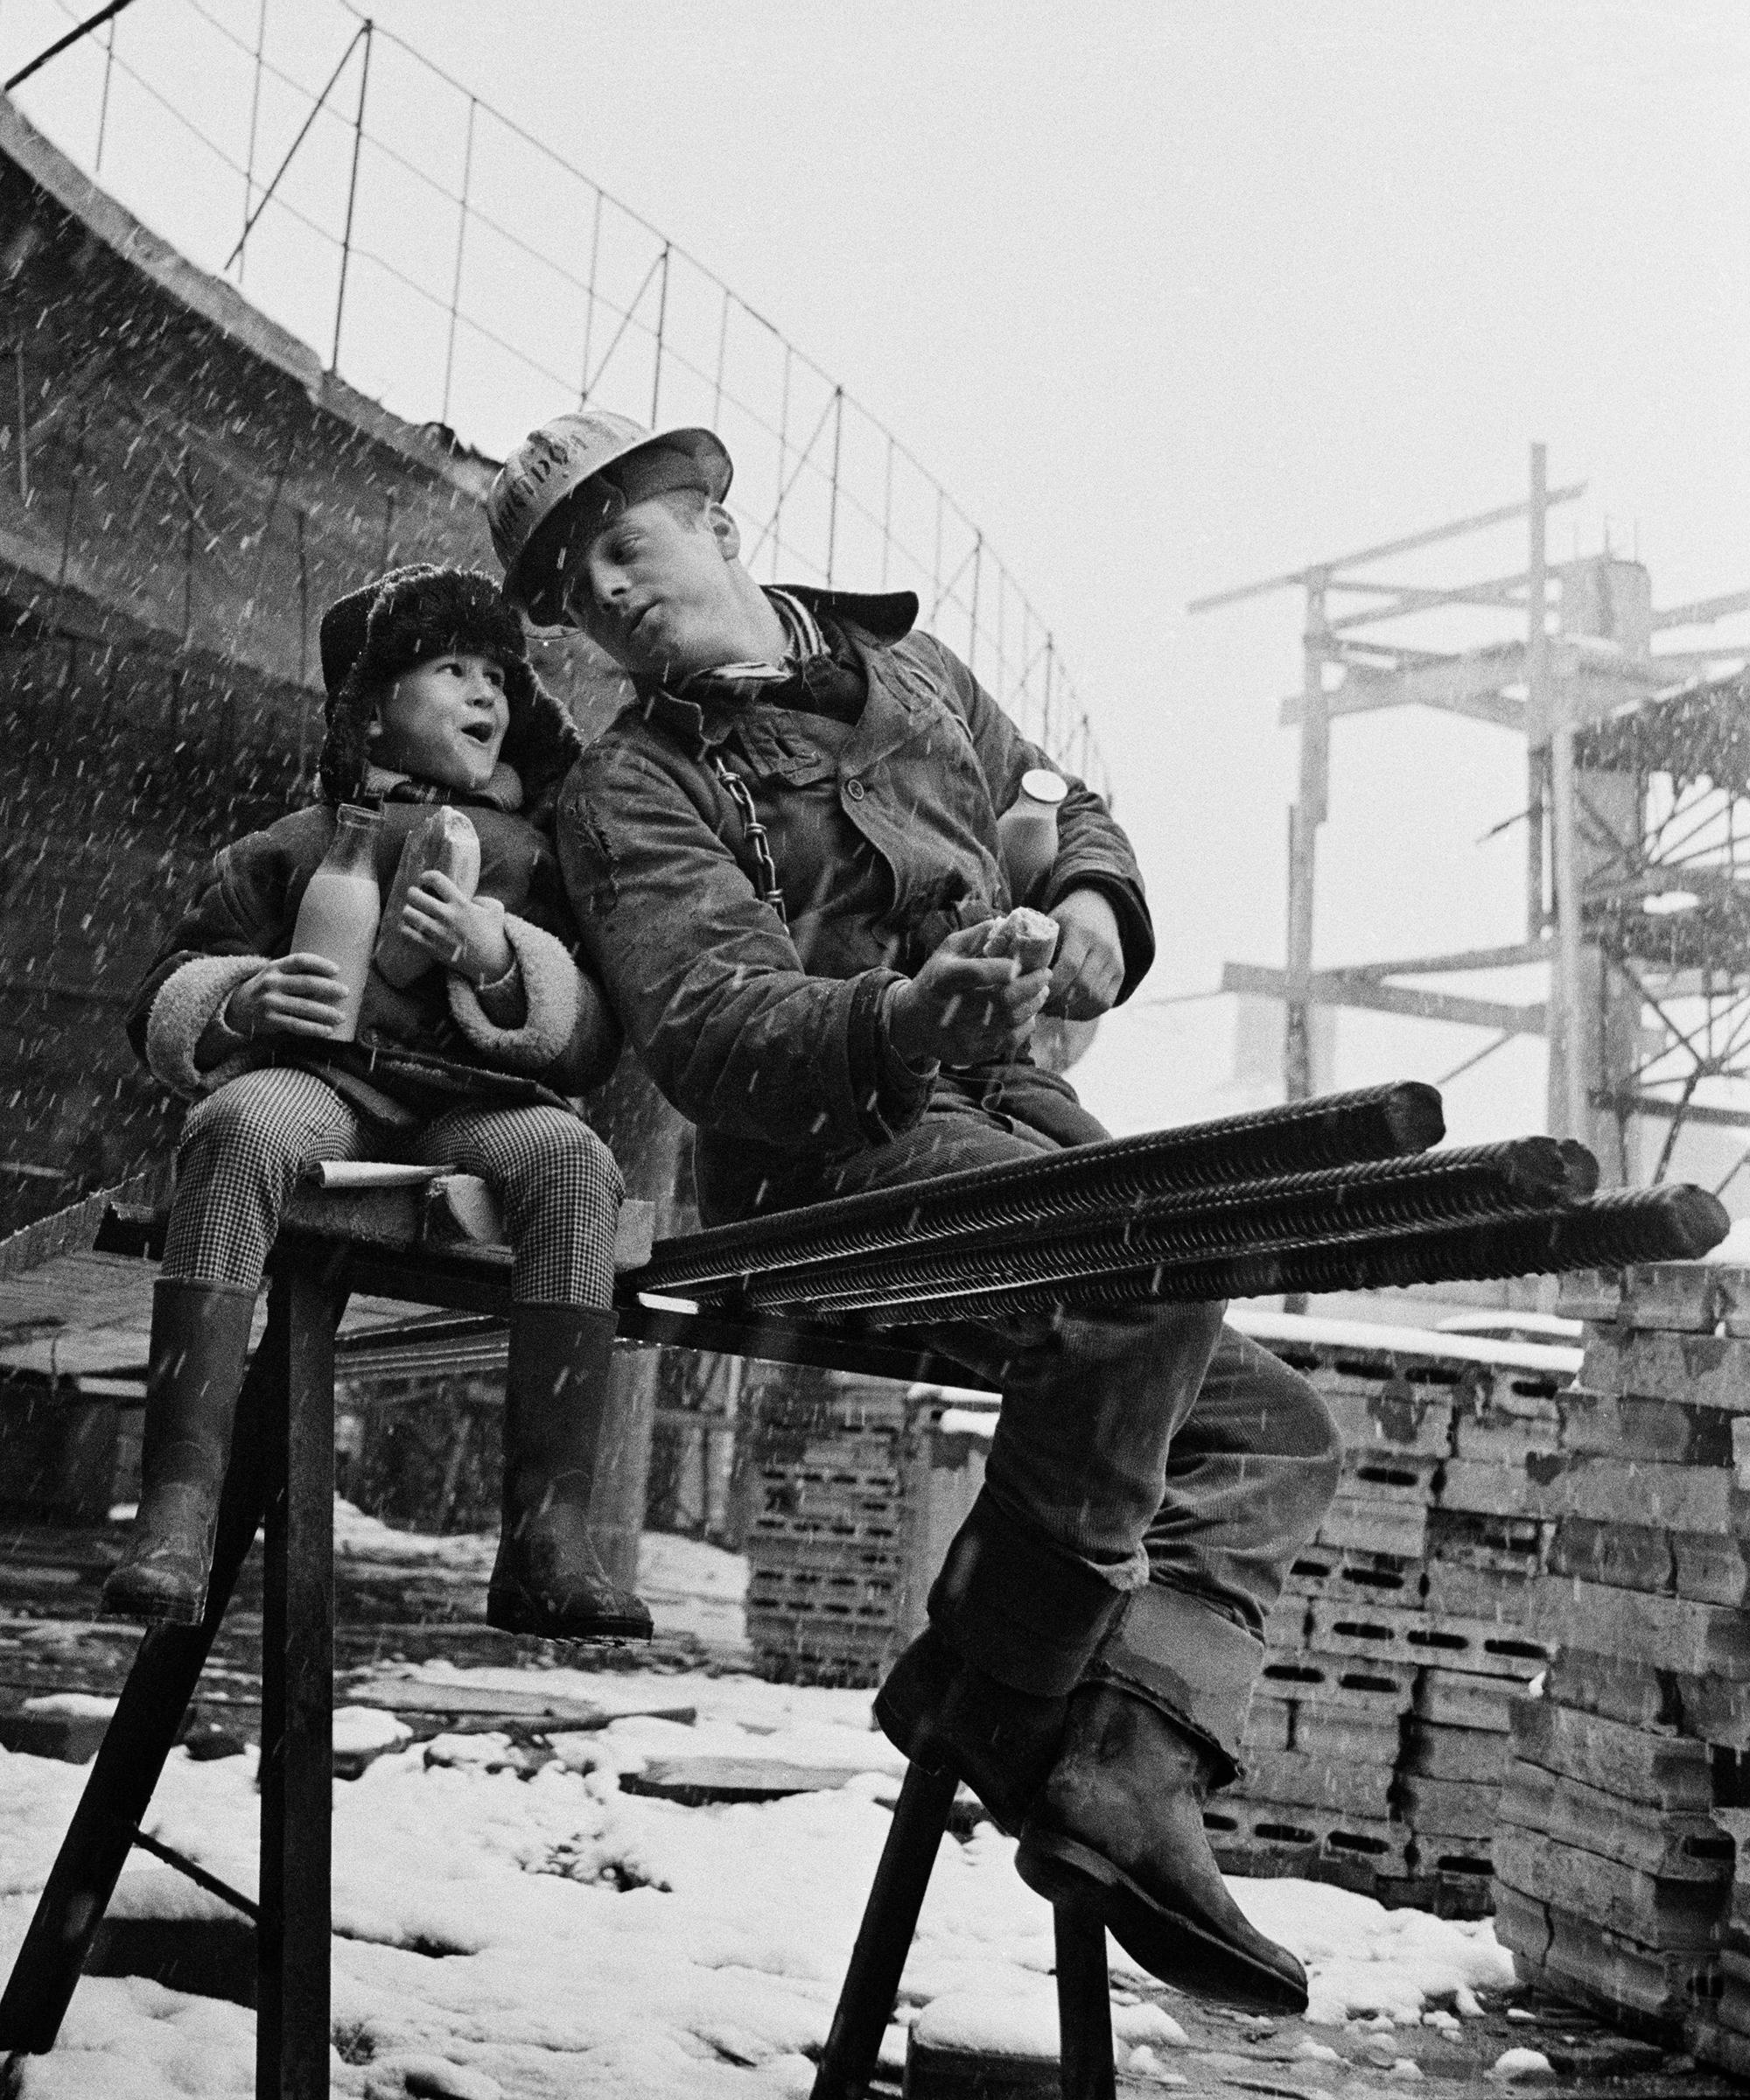 """Юрий Абрамочкин, роден през 1936 г., става фотограф съвсем случайно. Когато бил на 21 г., е нает на работа като инженер в """"Мосстрой"""", московска строителна компания. Понякога го молели да прави снимки на скиците и чертежите. През 1957 г. """"Мосстрой"""" му предлага да запечата процеса по преместване на сграда в Москва. По-късно същата година е поканен за фотограф на Фестивала за младежи и студенти, което го поставя на път, който, гледан от разстоянието на времето, изглежда предначертан. / """"Кратка почивка и ученически новини"""", 1965"""